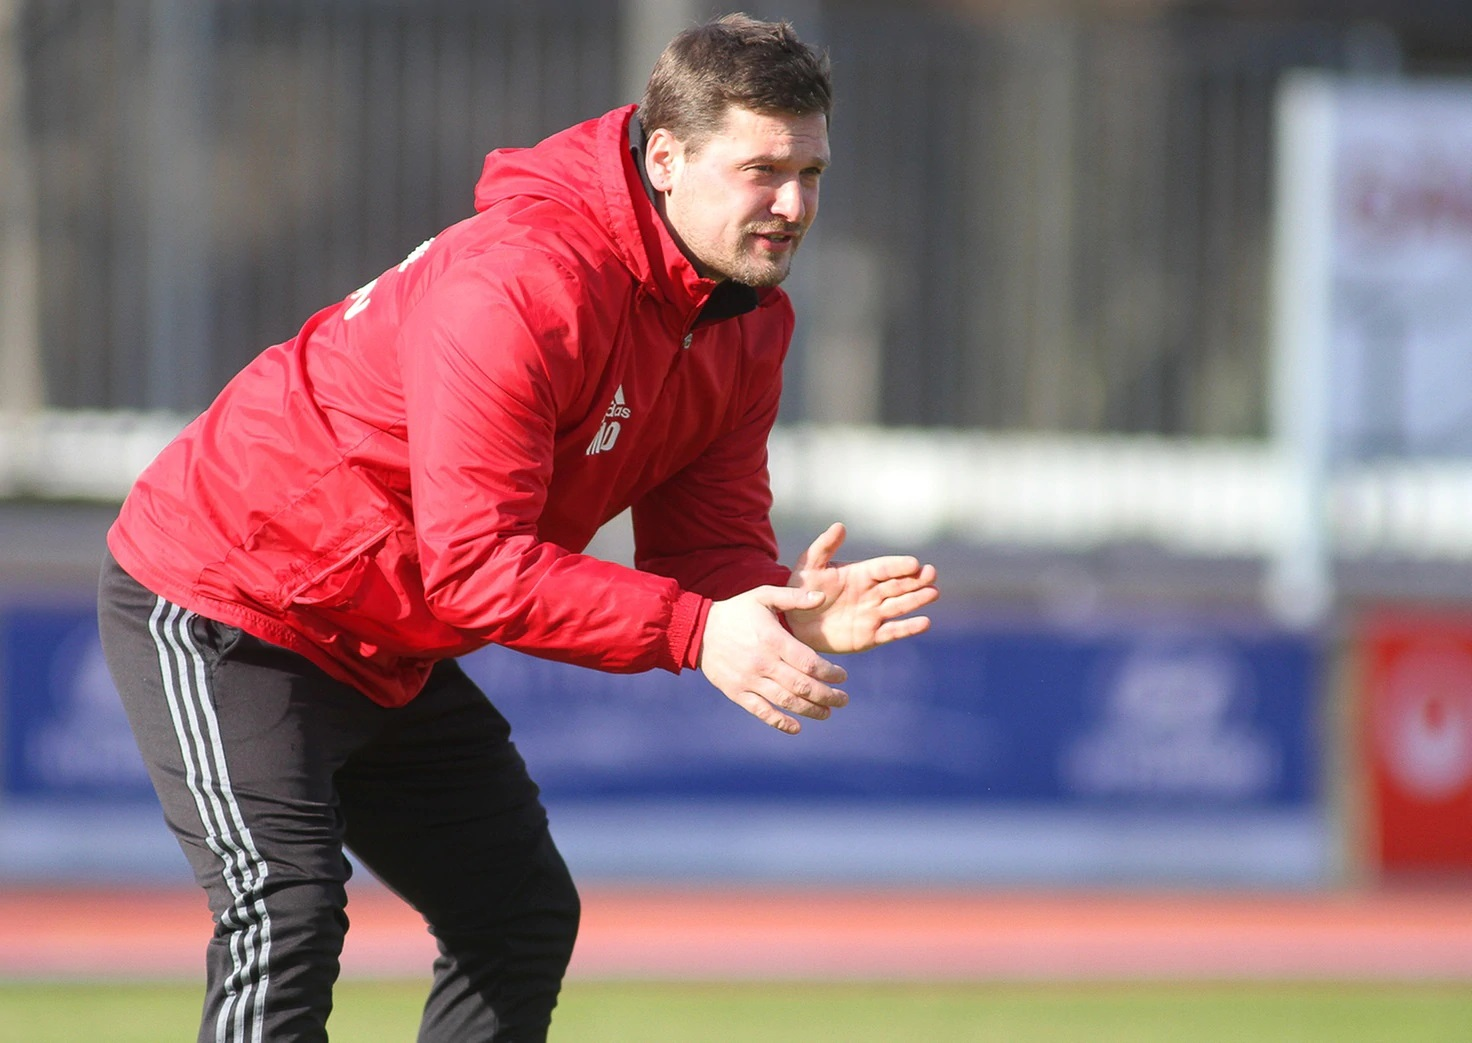 Næstved Boldklubs nye tyske træner Maximilian Dentz har en fortid i den tyske Regionalliga. (Foto: Torsten Zettl)